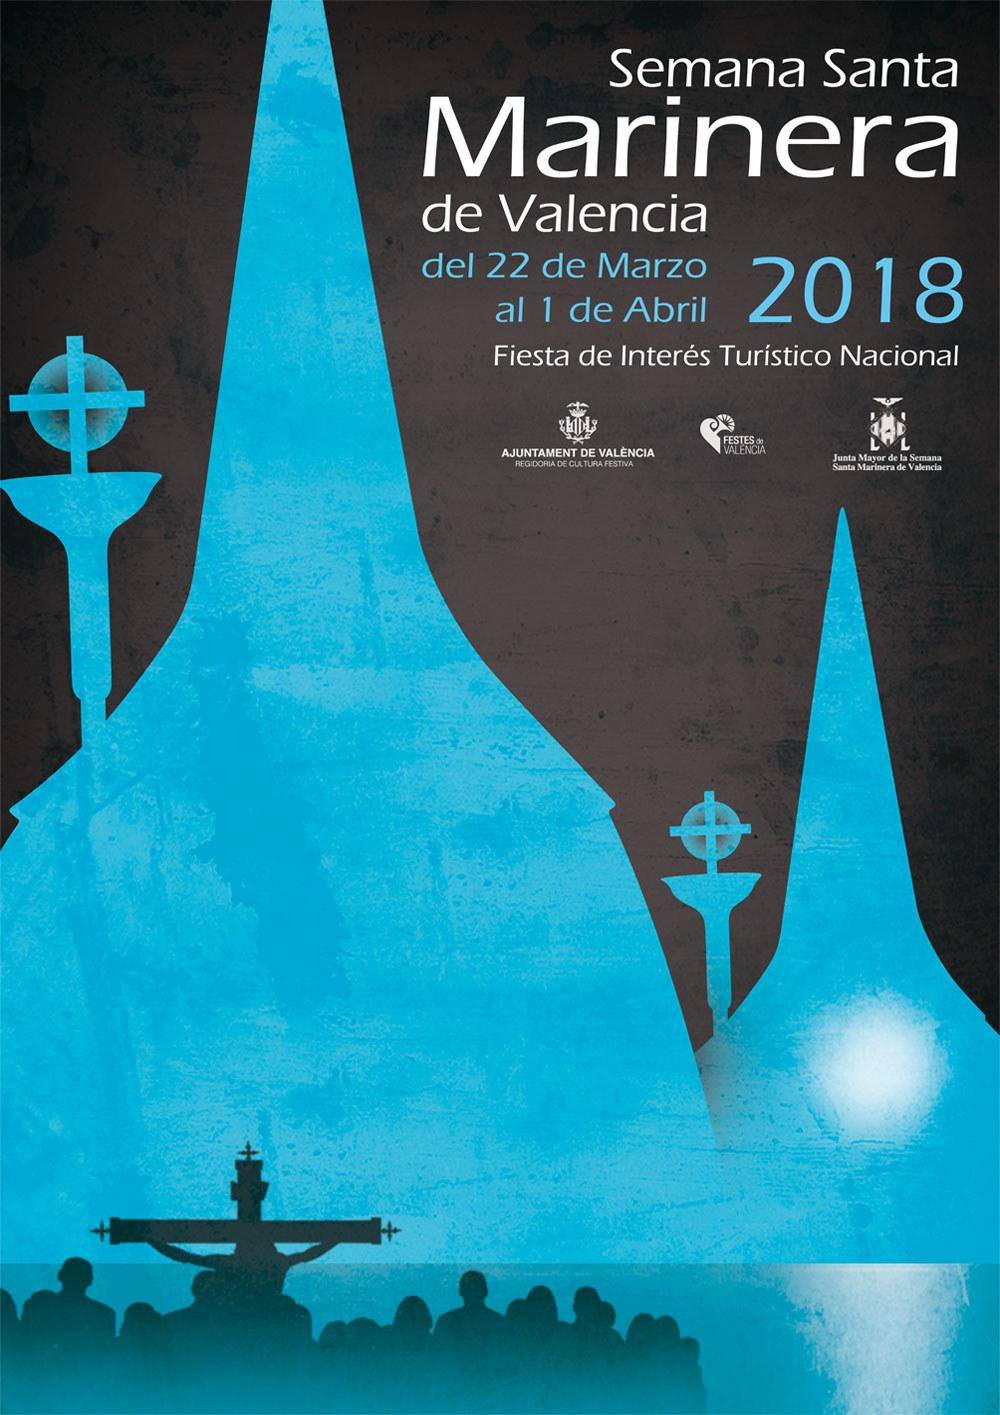 Cartel Semana Santa Marinera, diseño gráfico